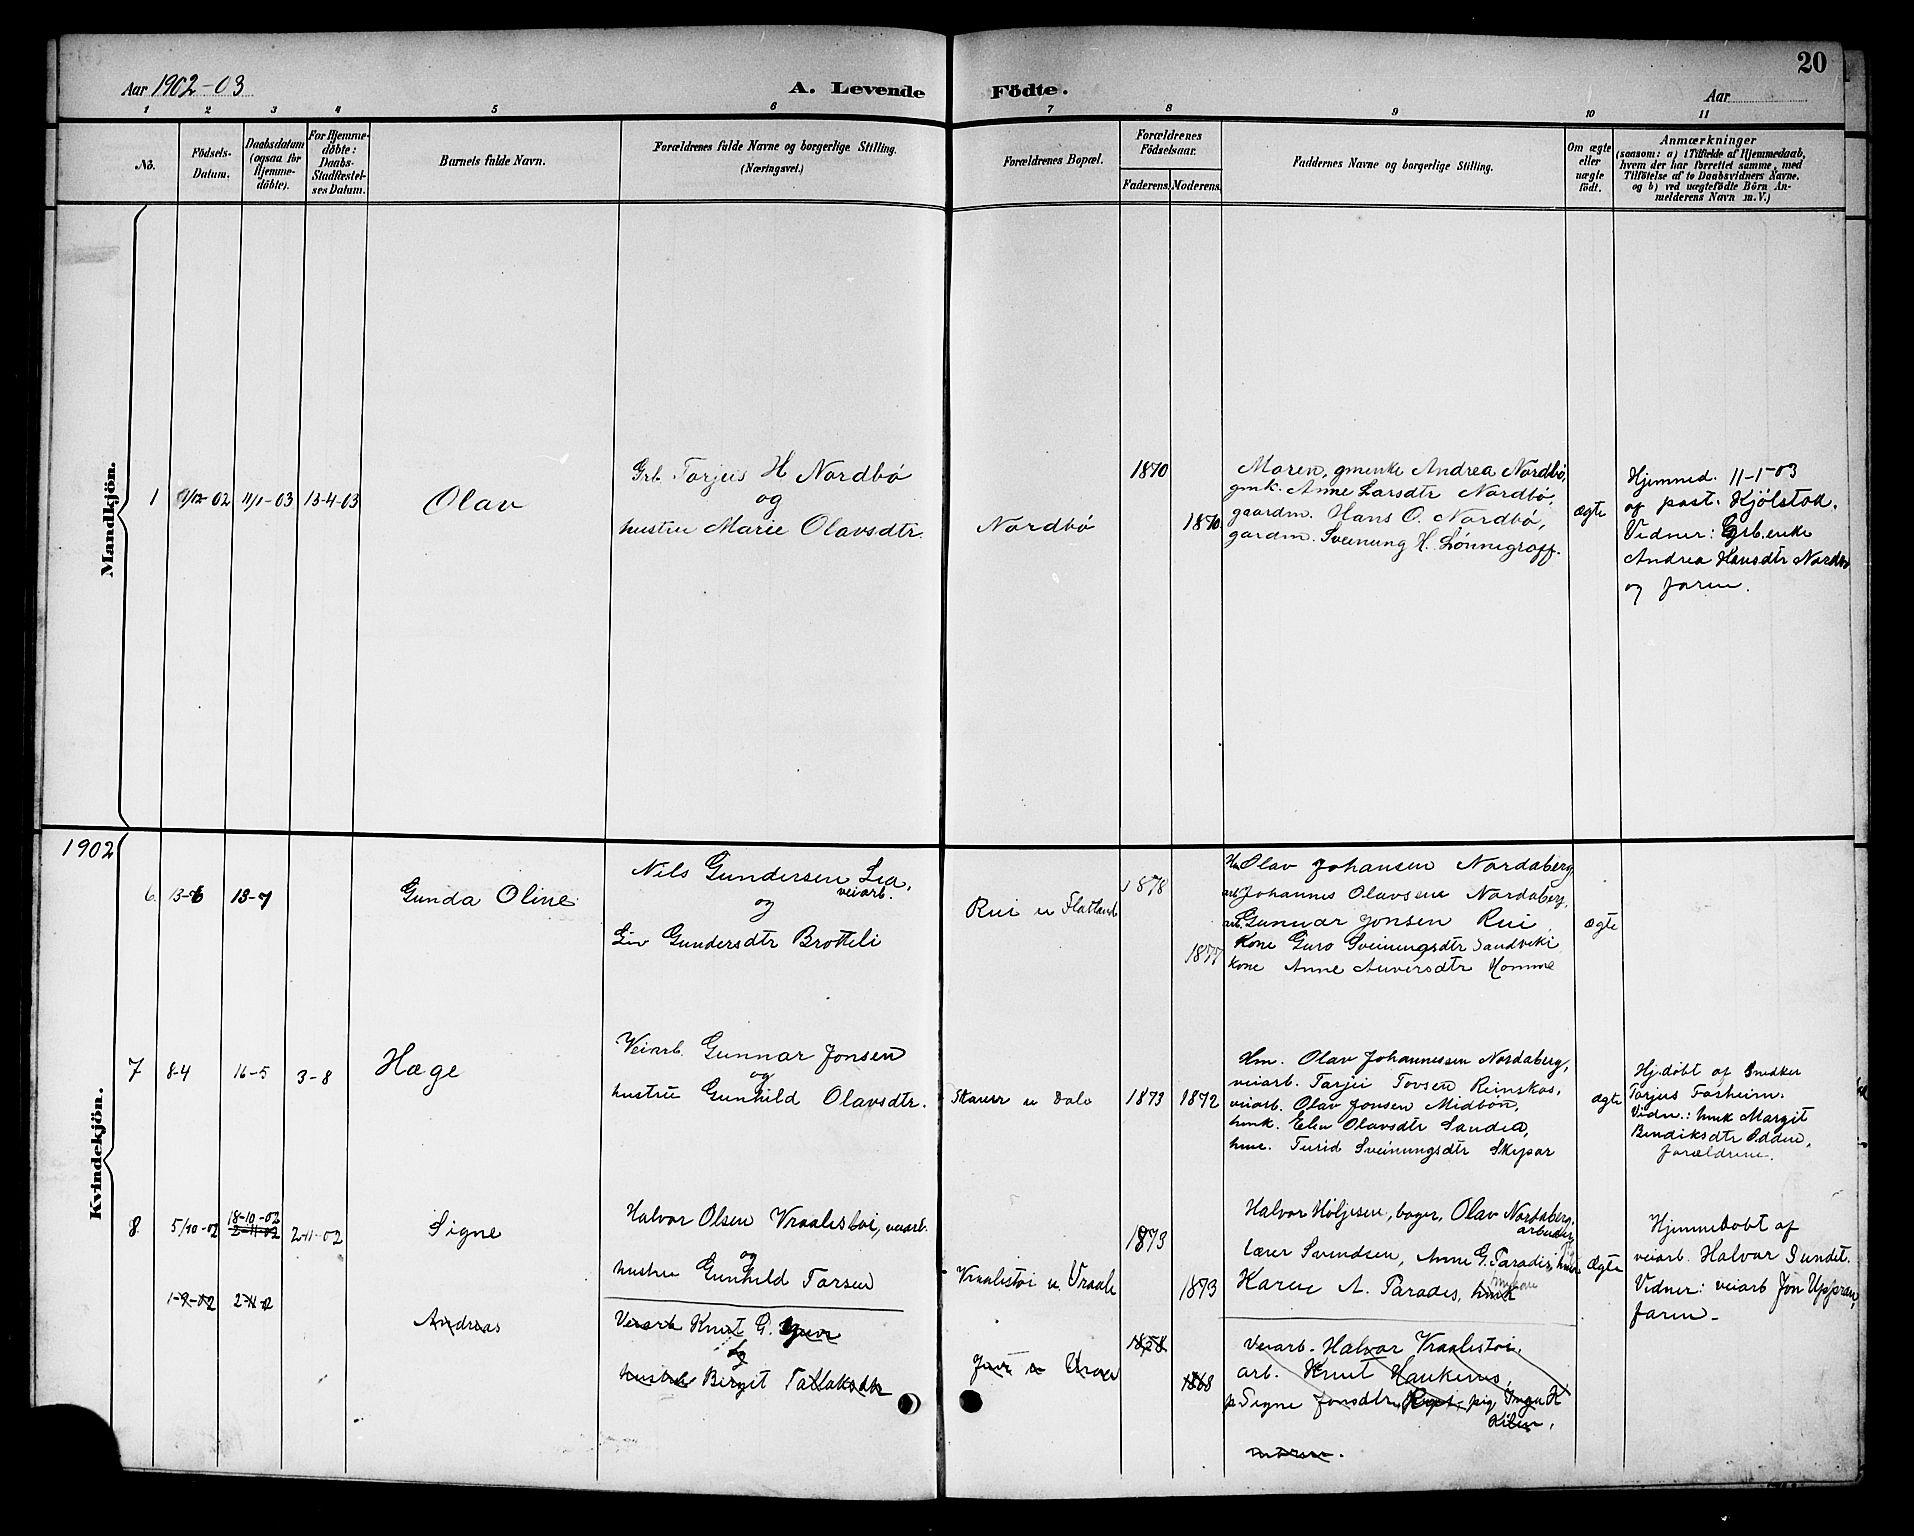 SAKO, Kviteseid kirkebøker, G/Gc/L0001: Klokkerbok nr. III 1, 1893-1916, s. 20